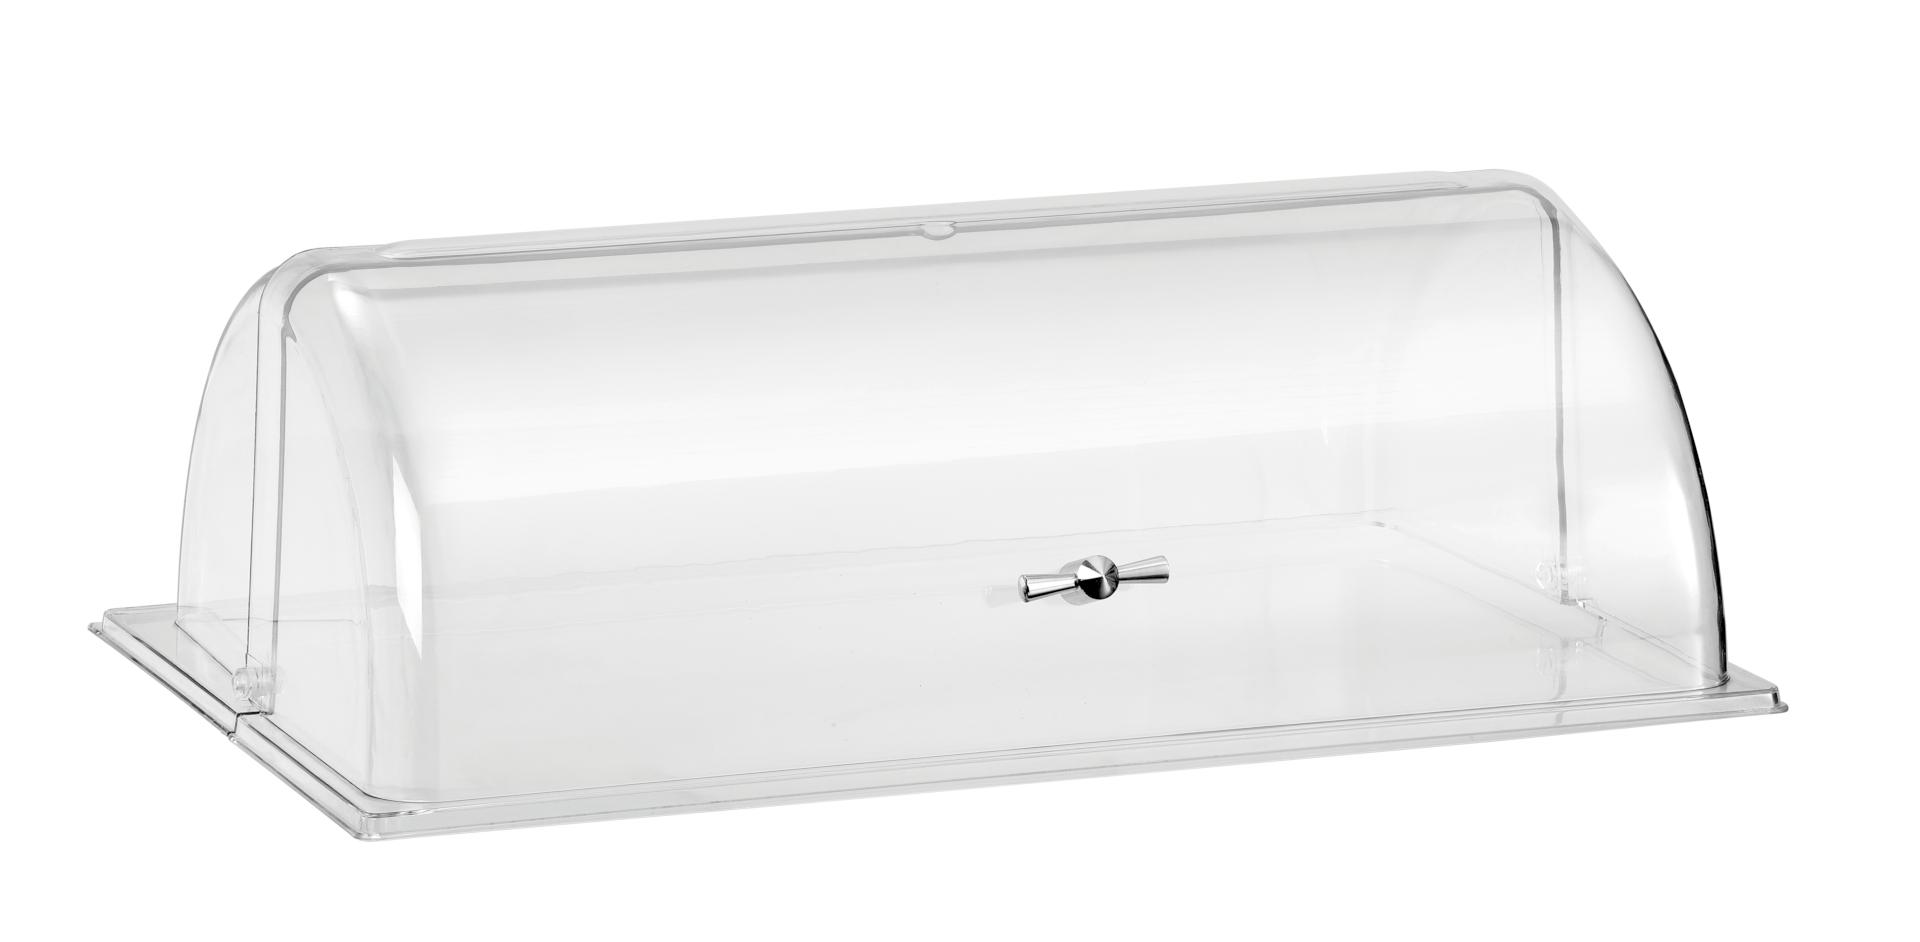 Bartscher Rolltop-Deckel T Buffet-System